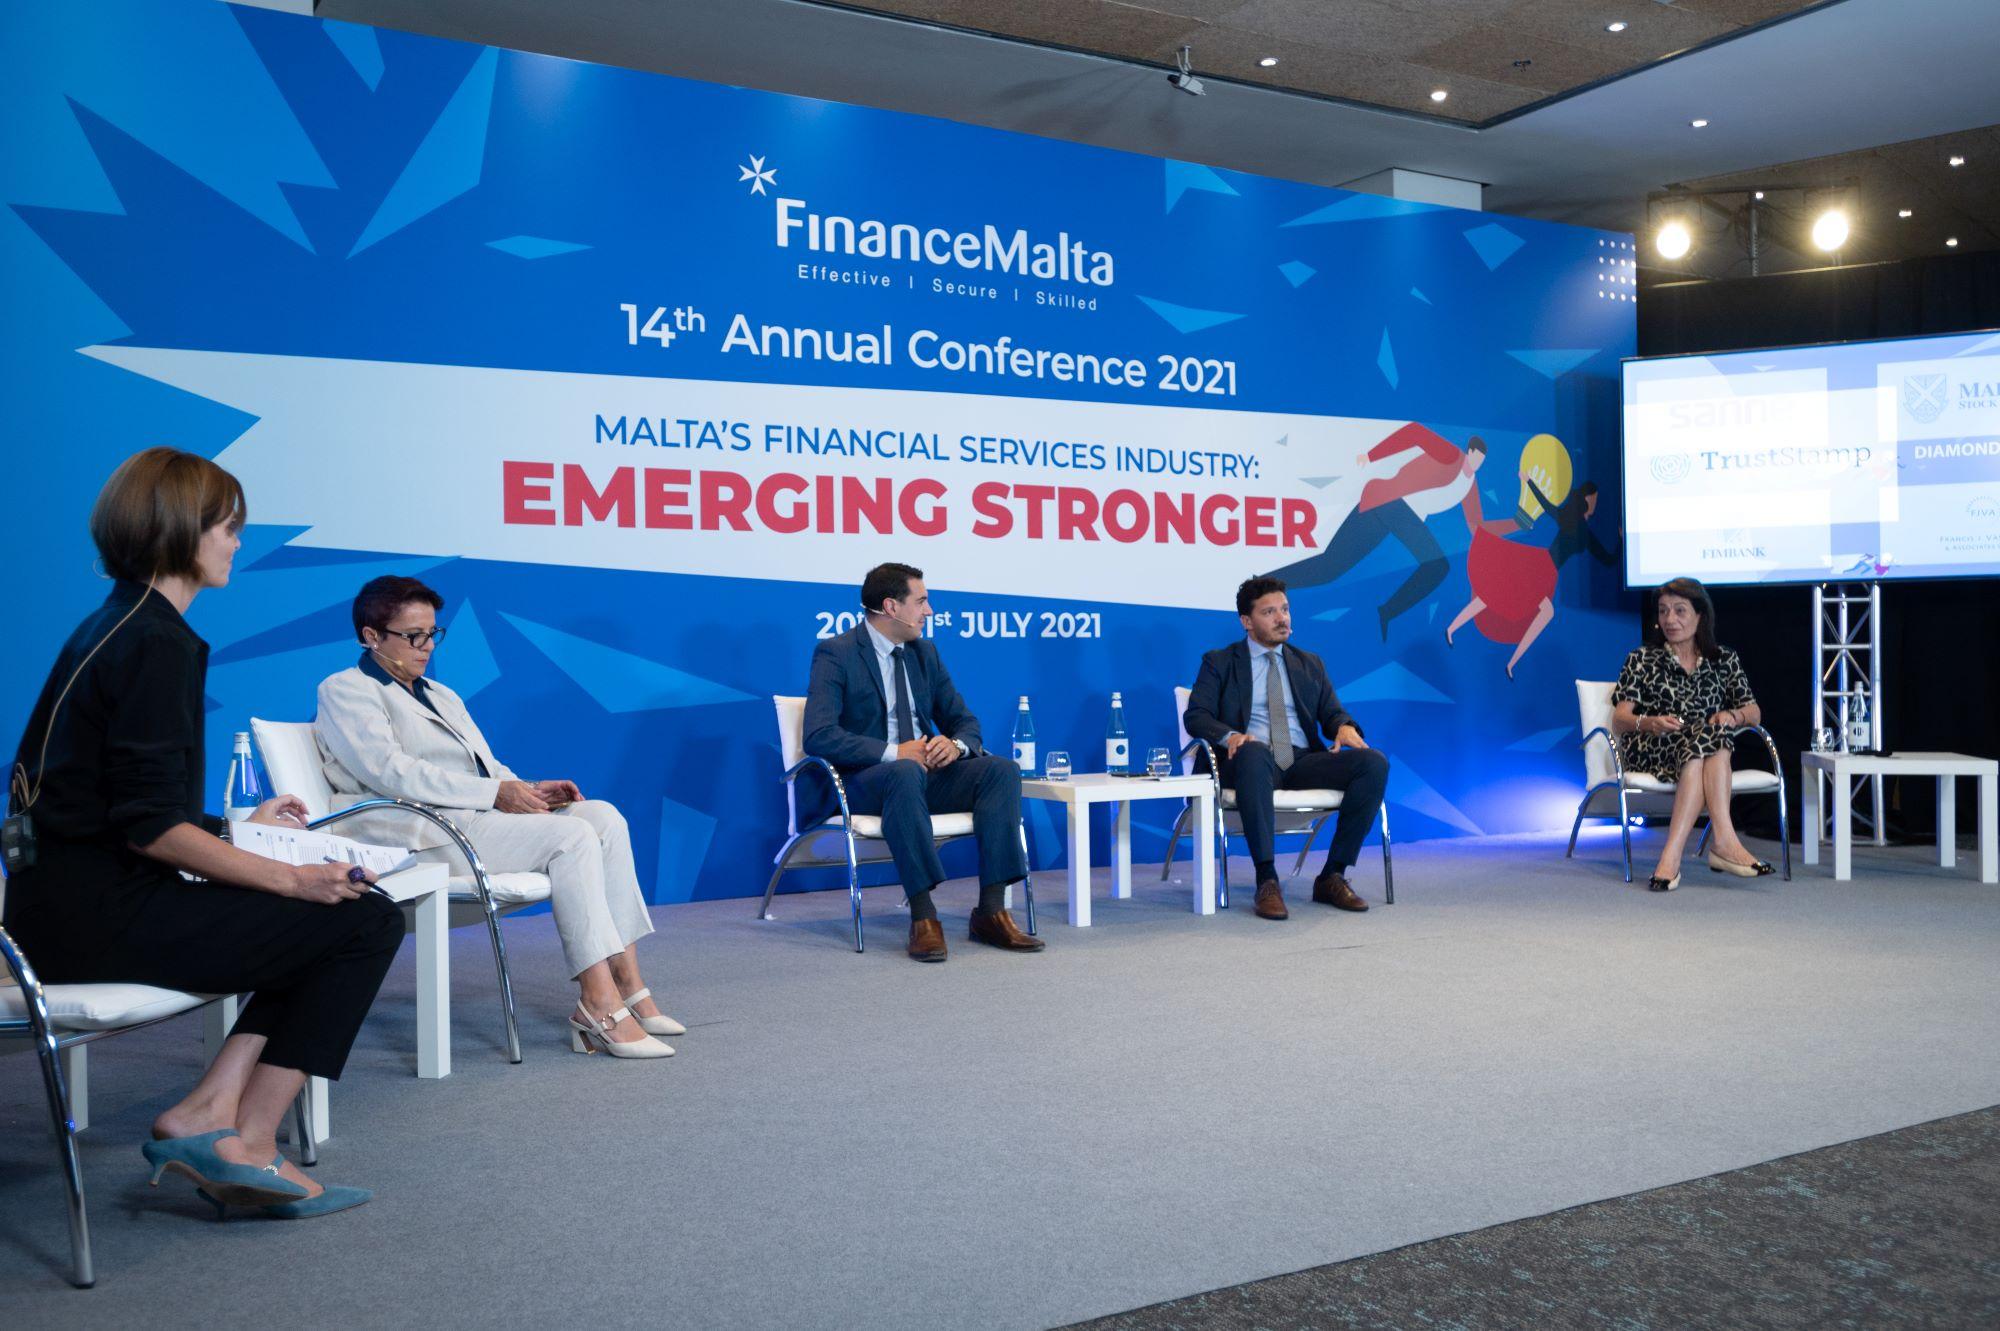 FinanceMalta 14th annual conference